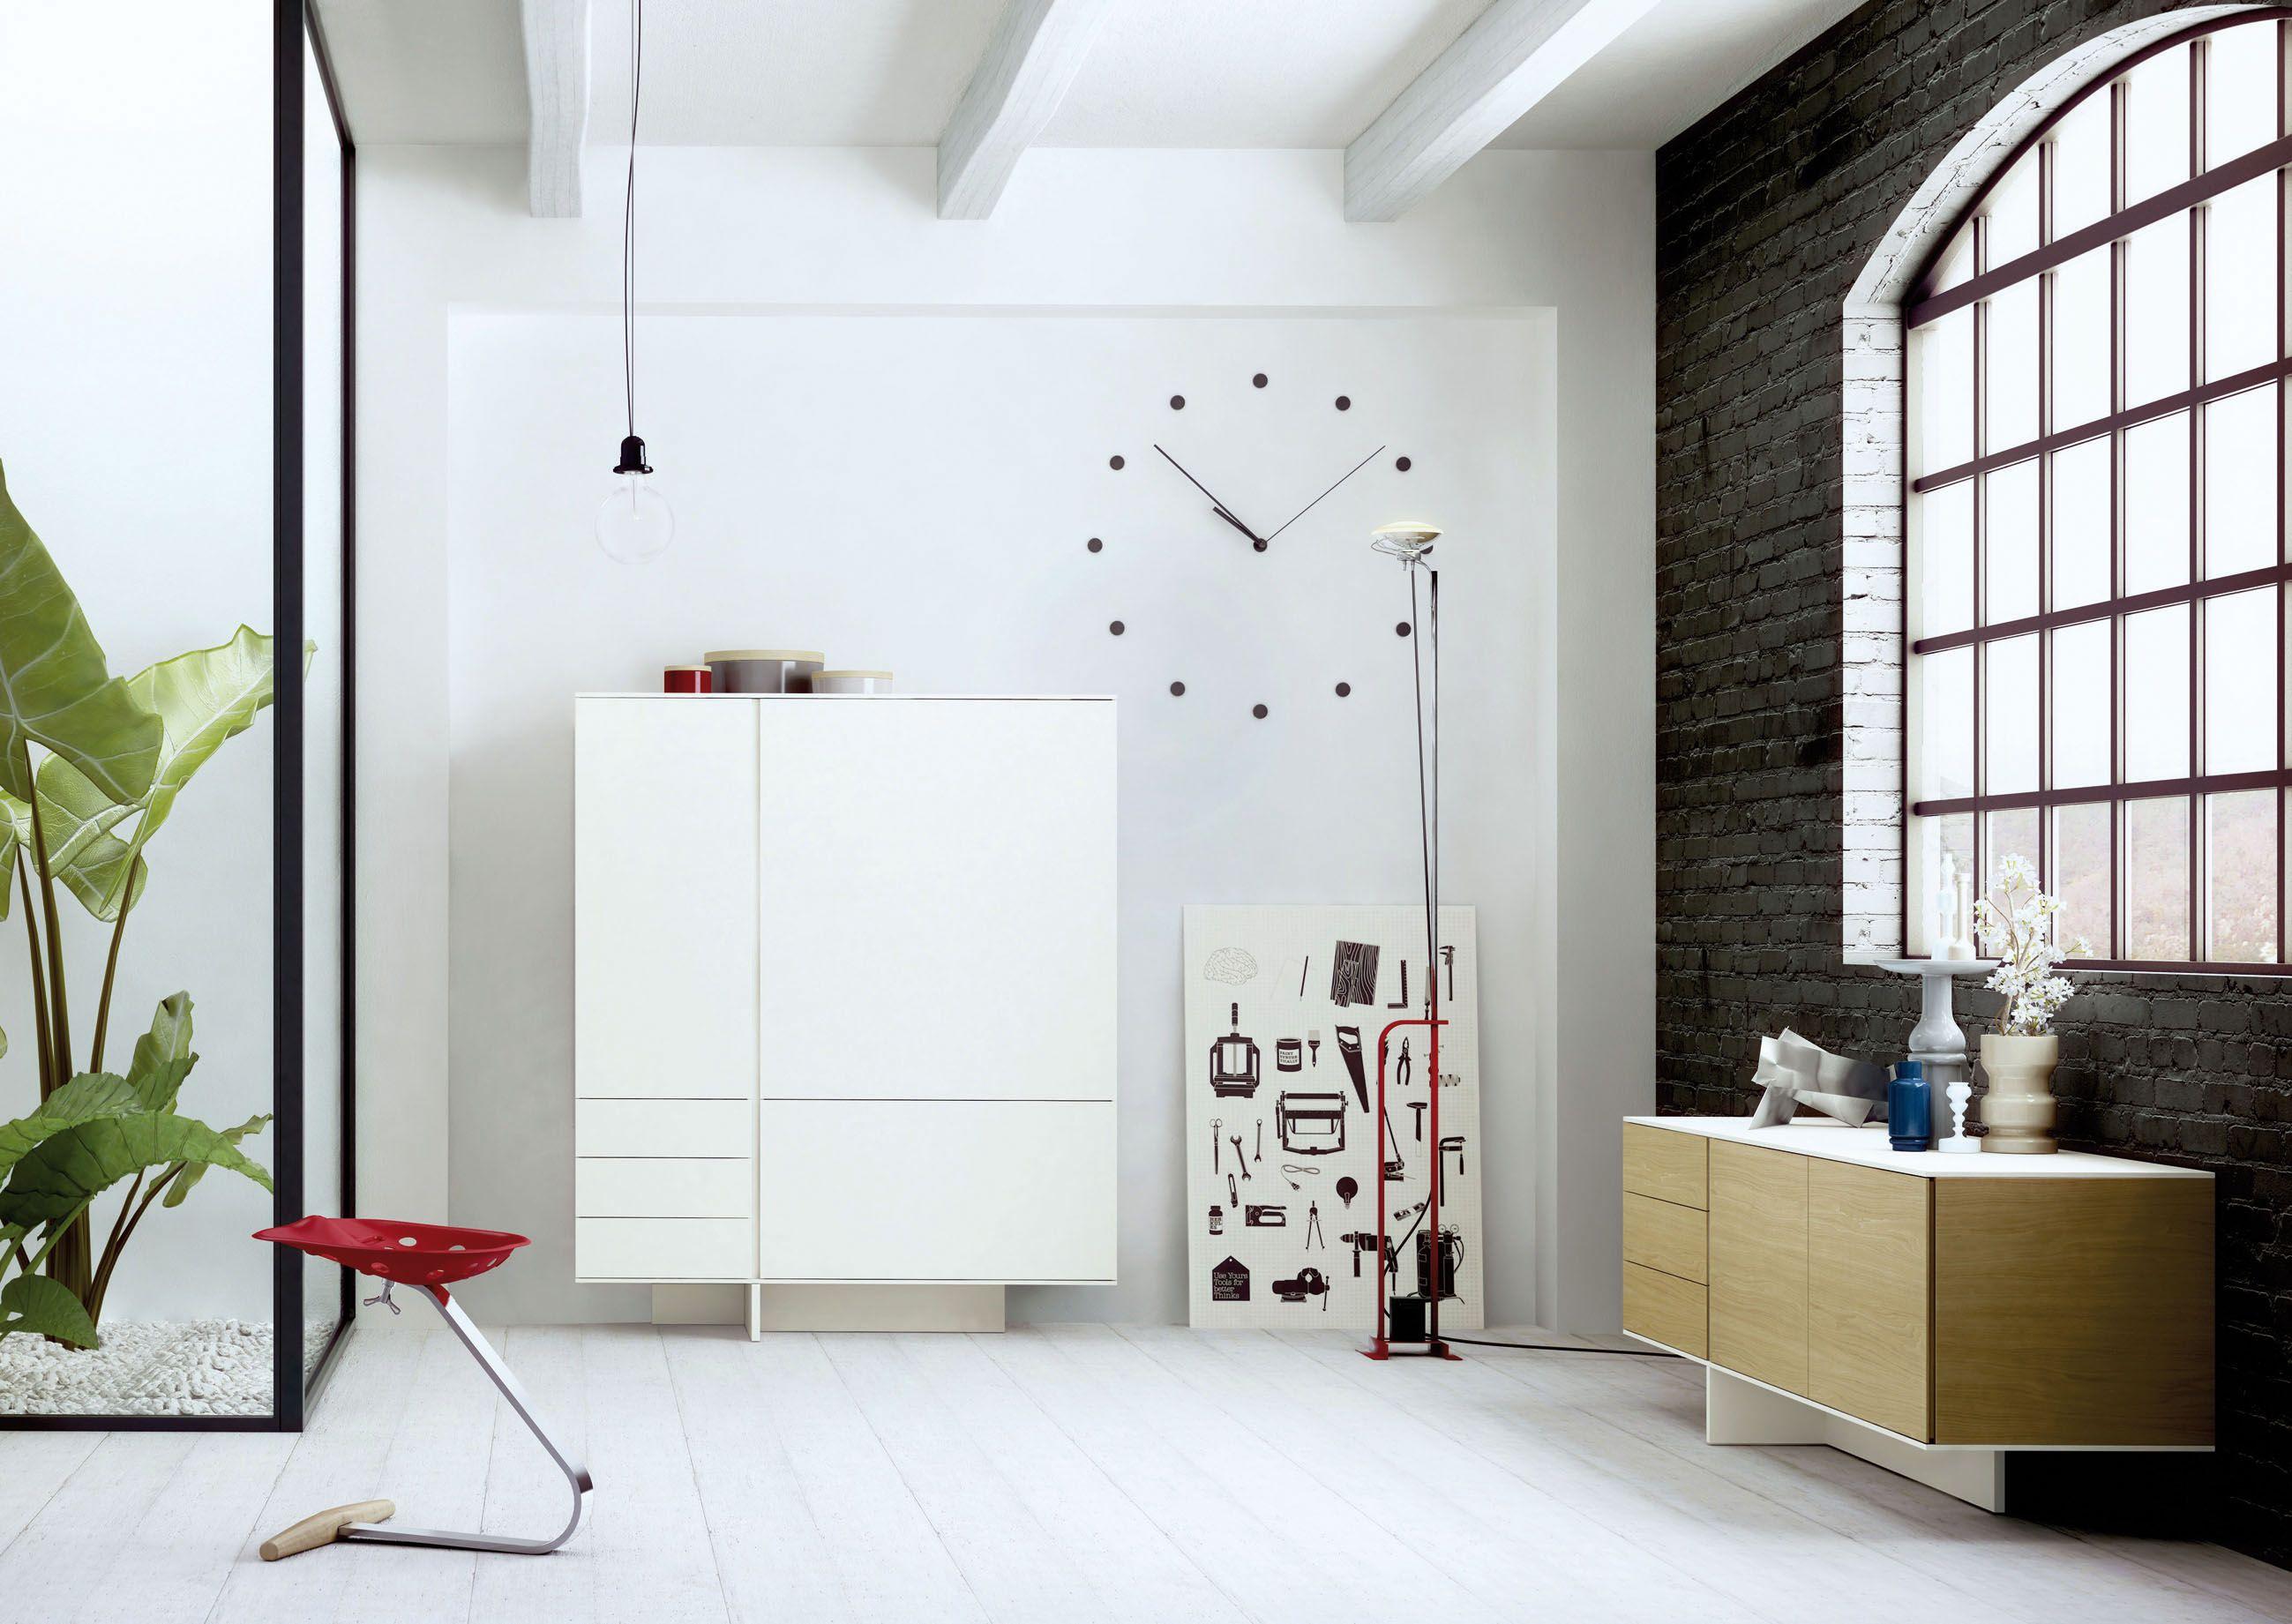 STIJL, el mueble aparador o buffet lacado que se caracteriza por los usos cromáticos y la verticalidad que estos otorgan a la pieza. Un diseño de guimeràicinca para ARLEX.